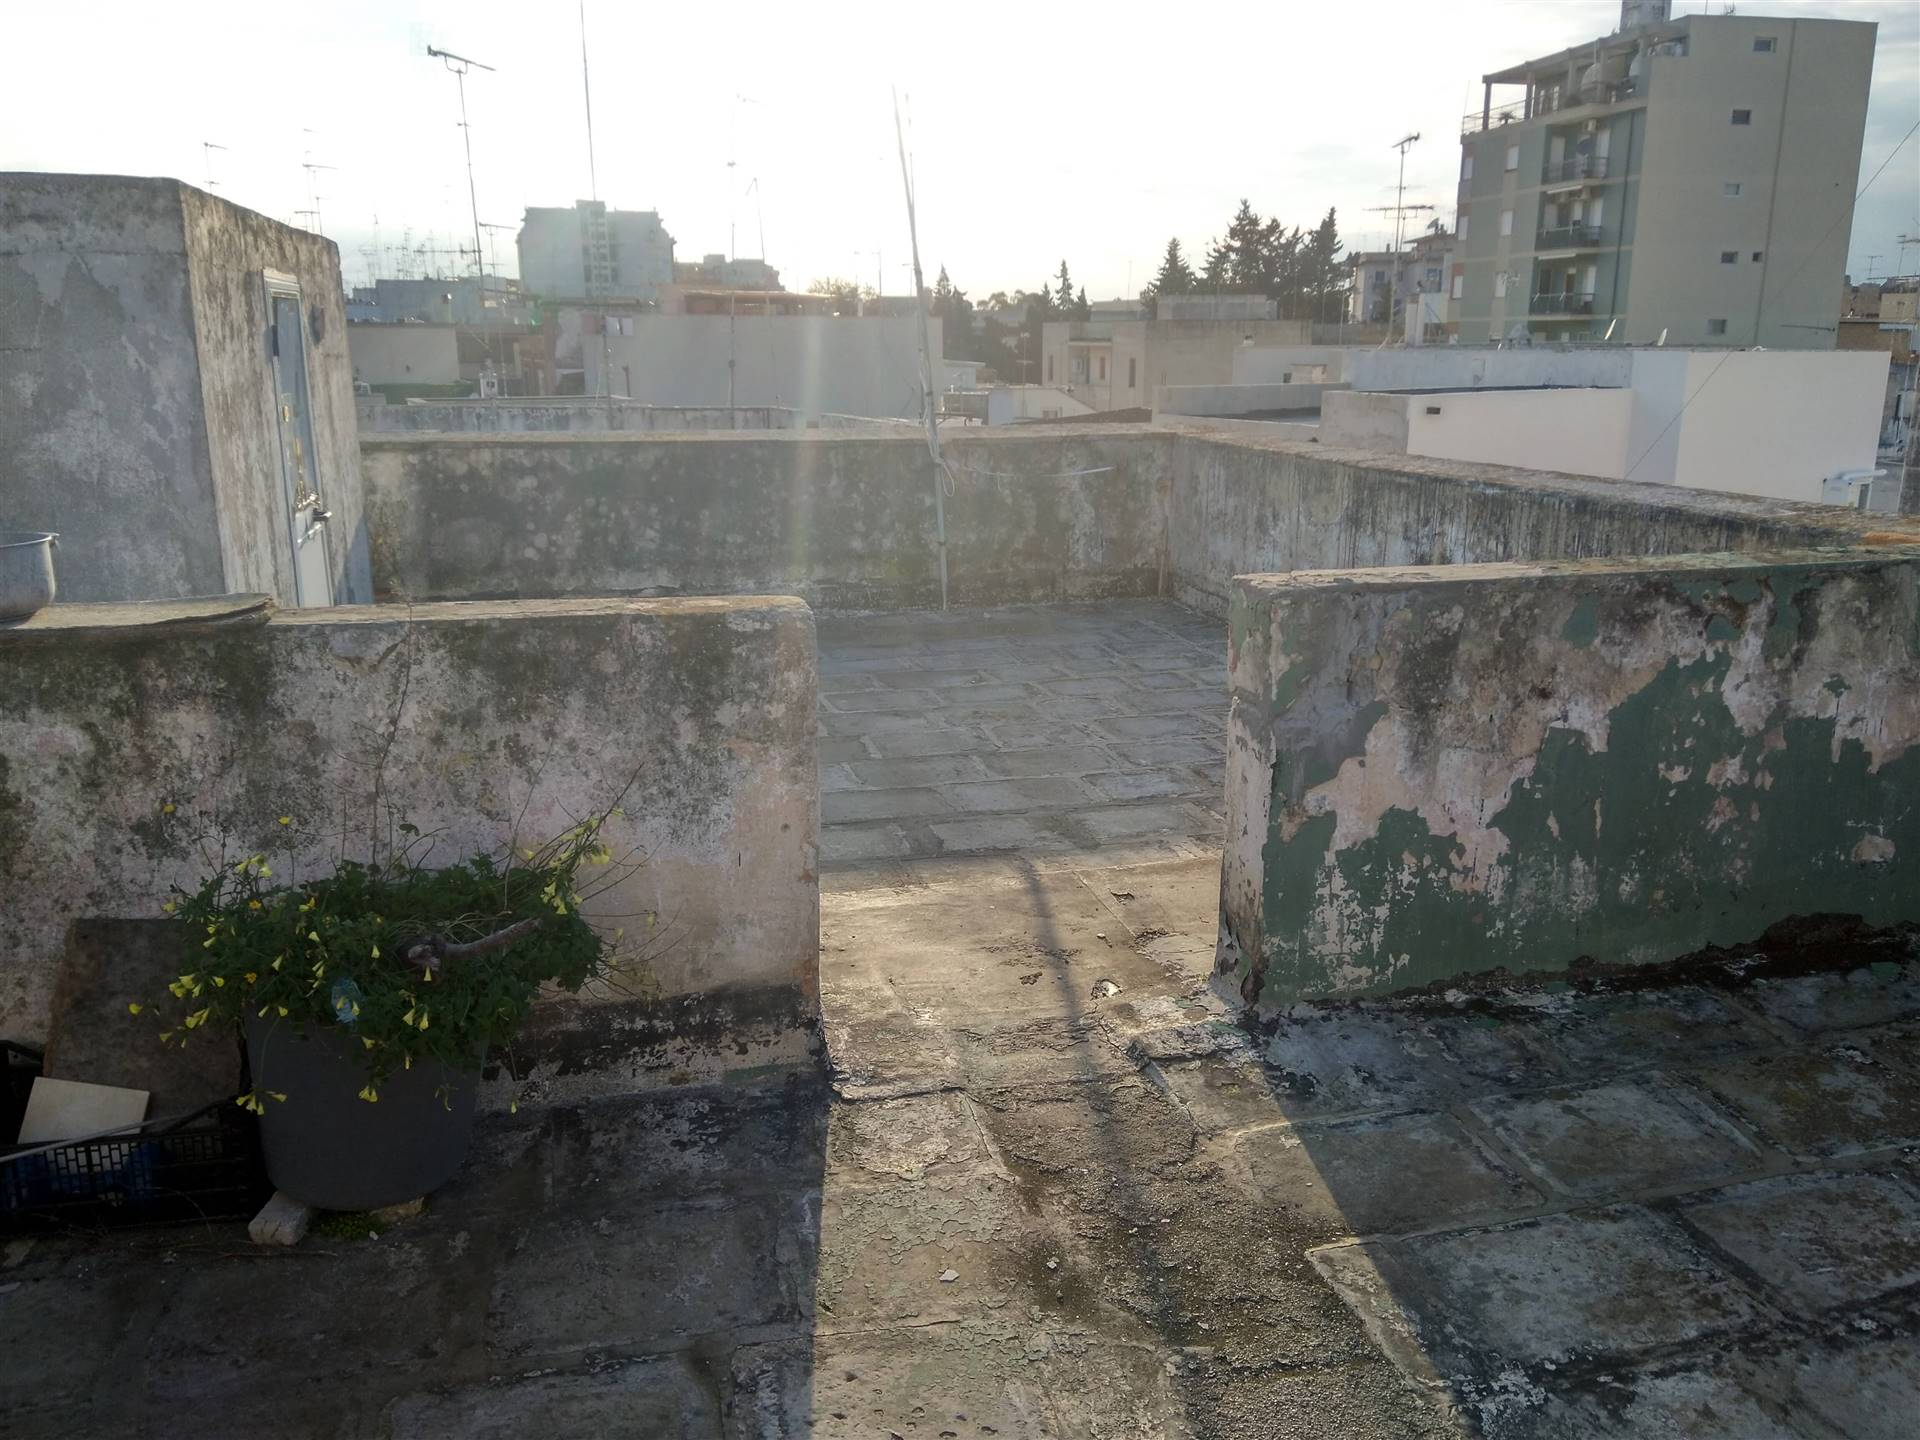 Appartamento in vendita a Brindisi, 3 locali, zona Località: CENTRO CITTÀ, prezzo € 72.000   PortaleAgenzieImmobiliari.it